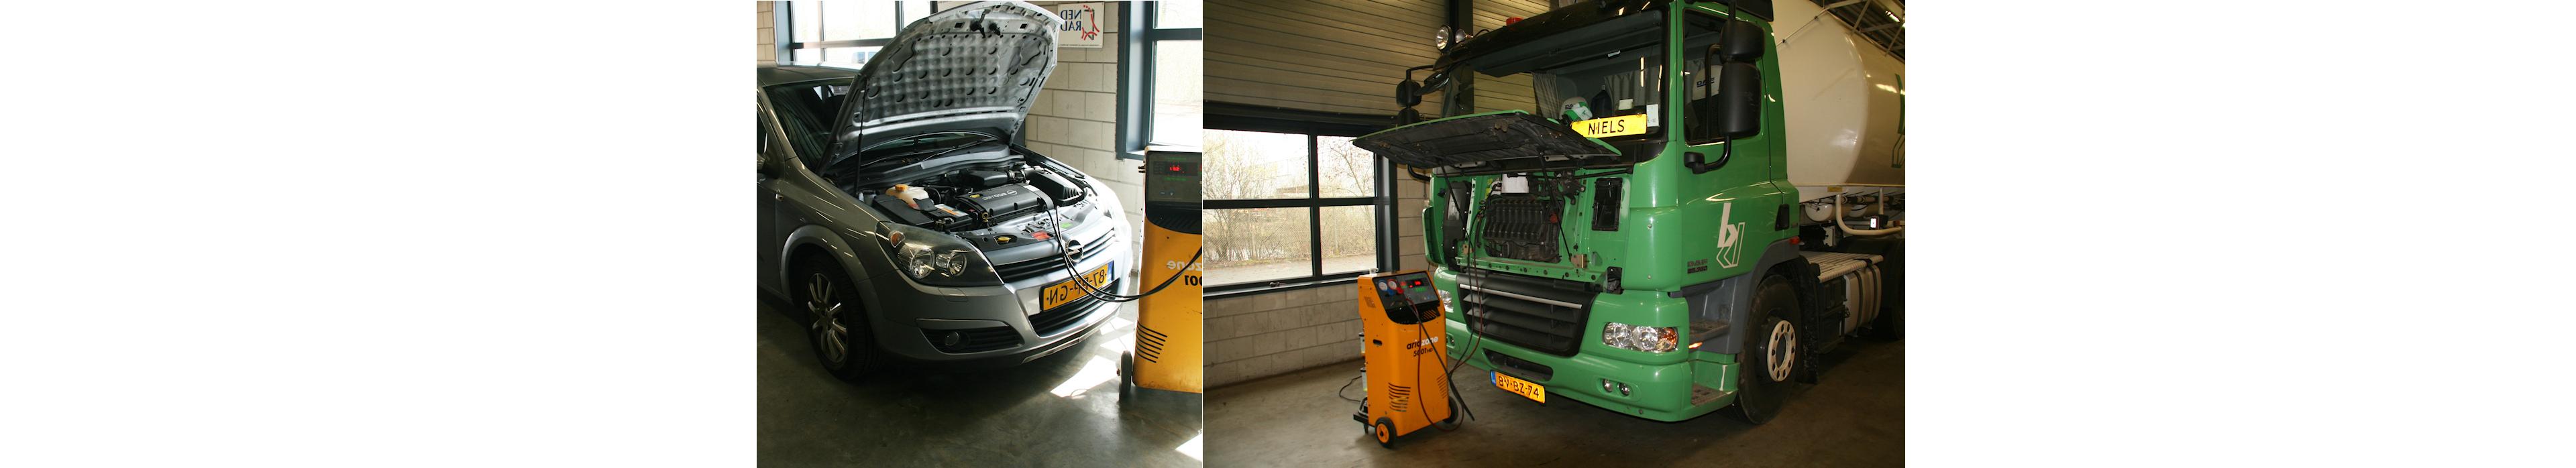 Airco service vullen auto vrachtwagen www.carcoolsystems.nl